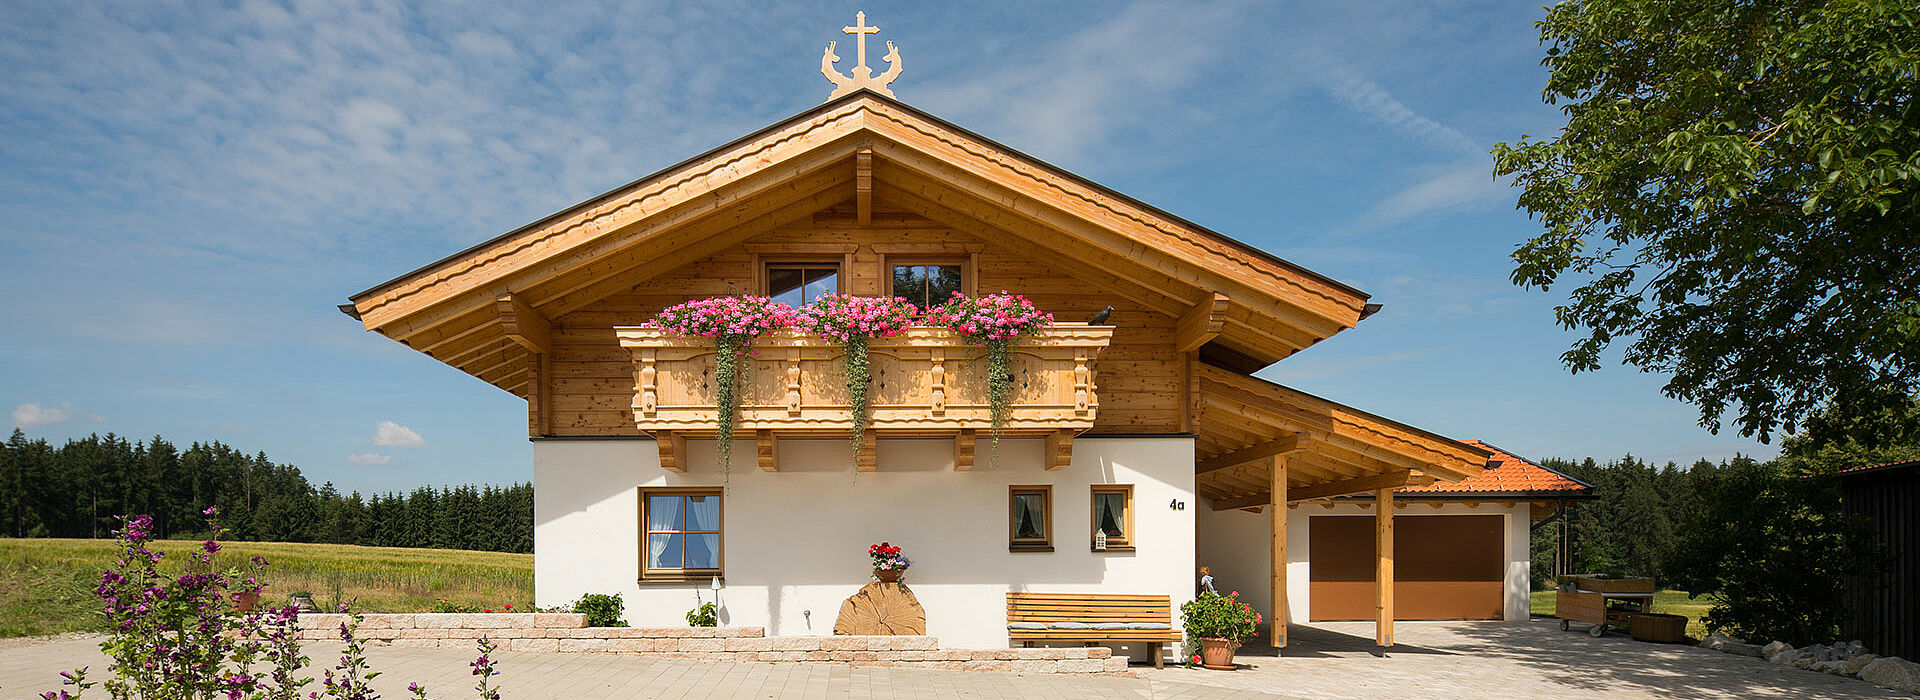 Holzhaus Kombination aus Riegelbauweise und Blockbauweise